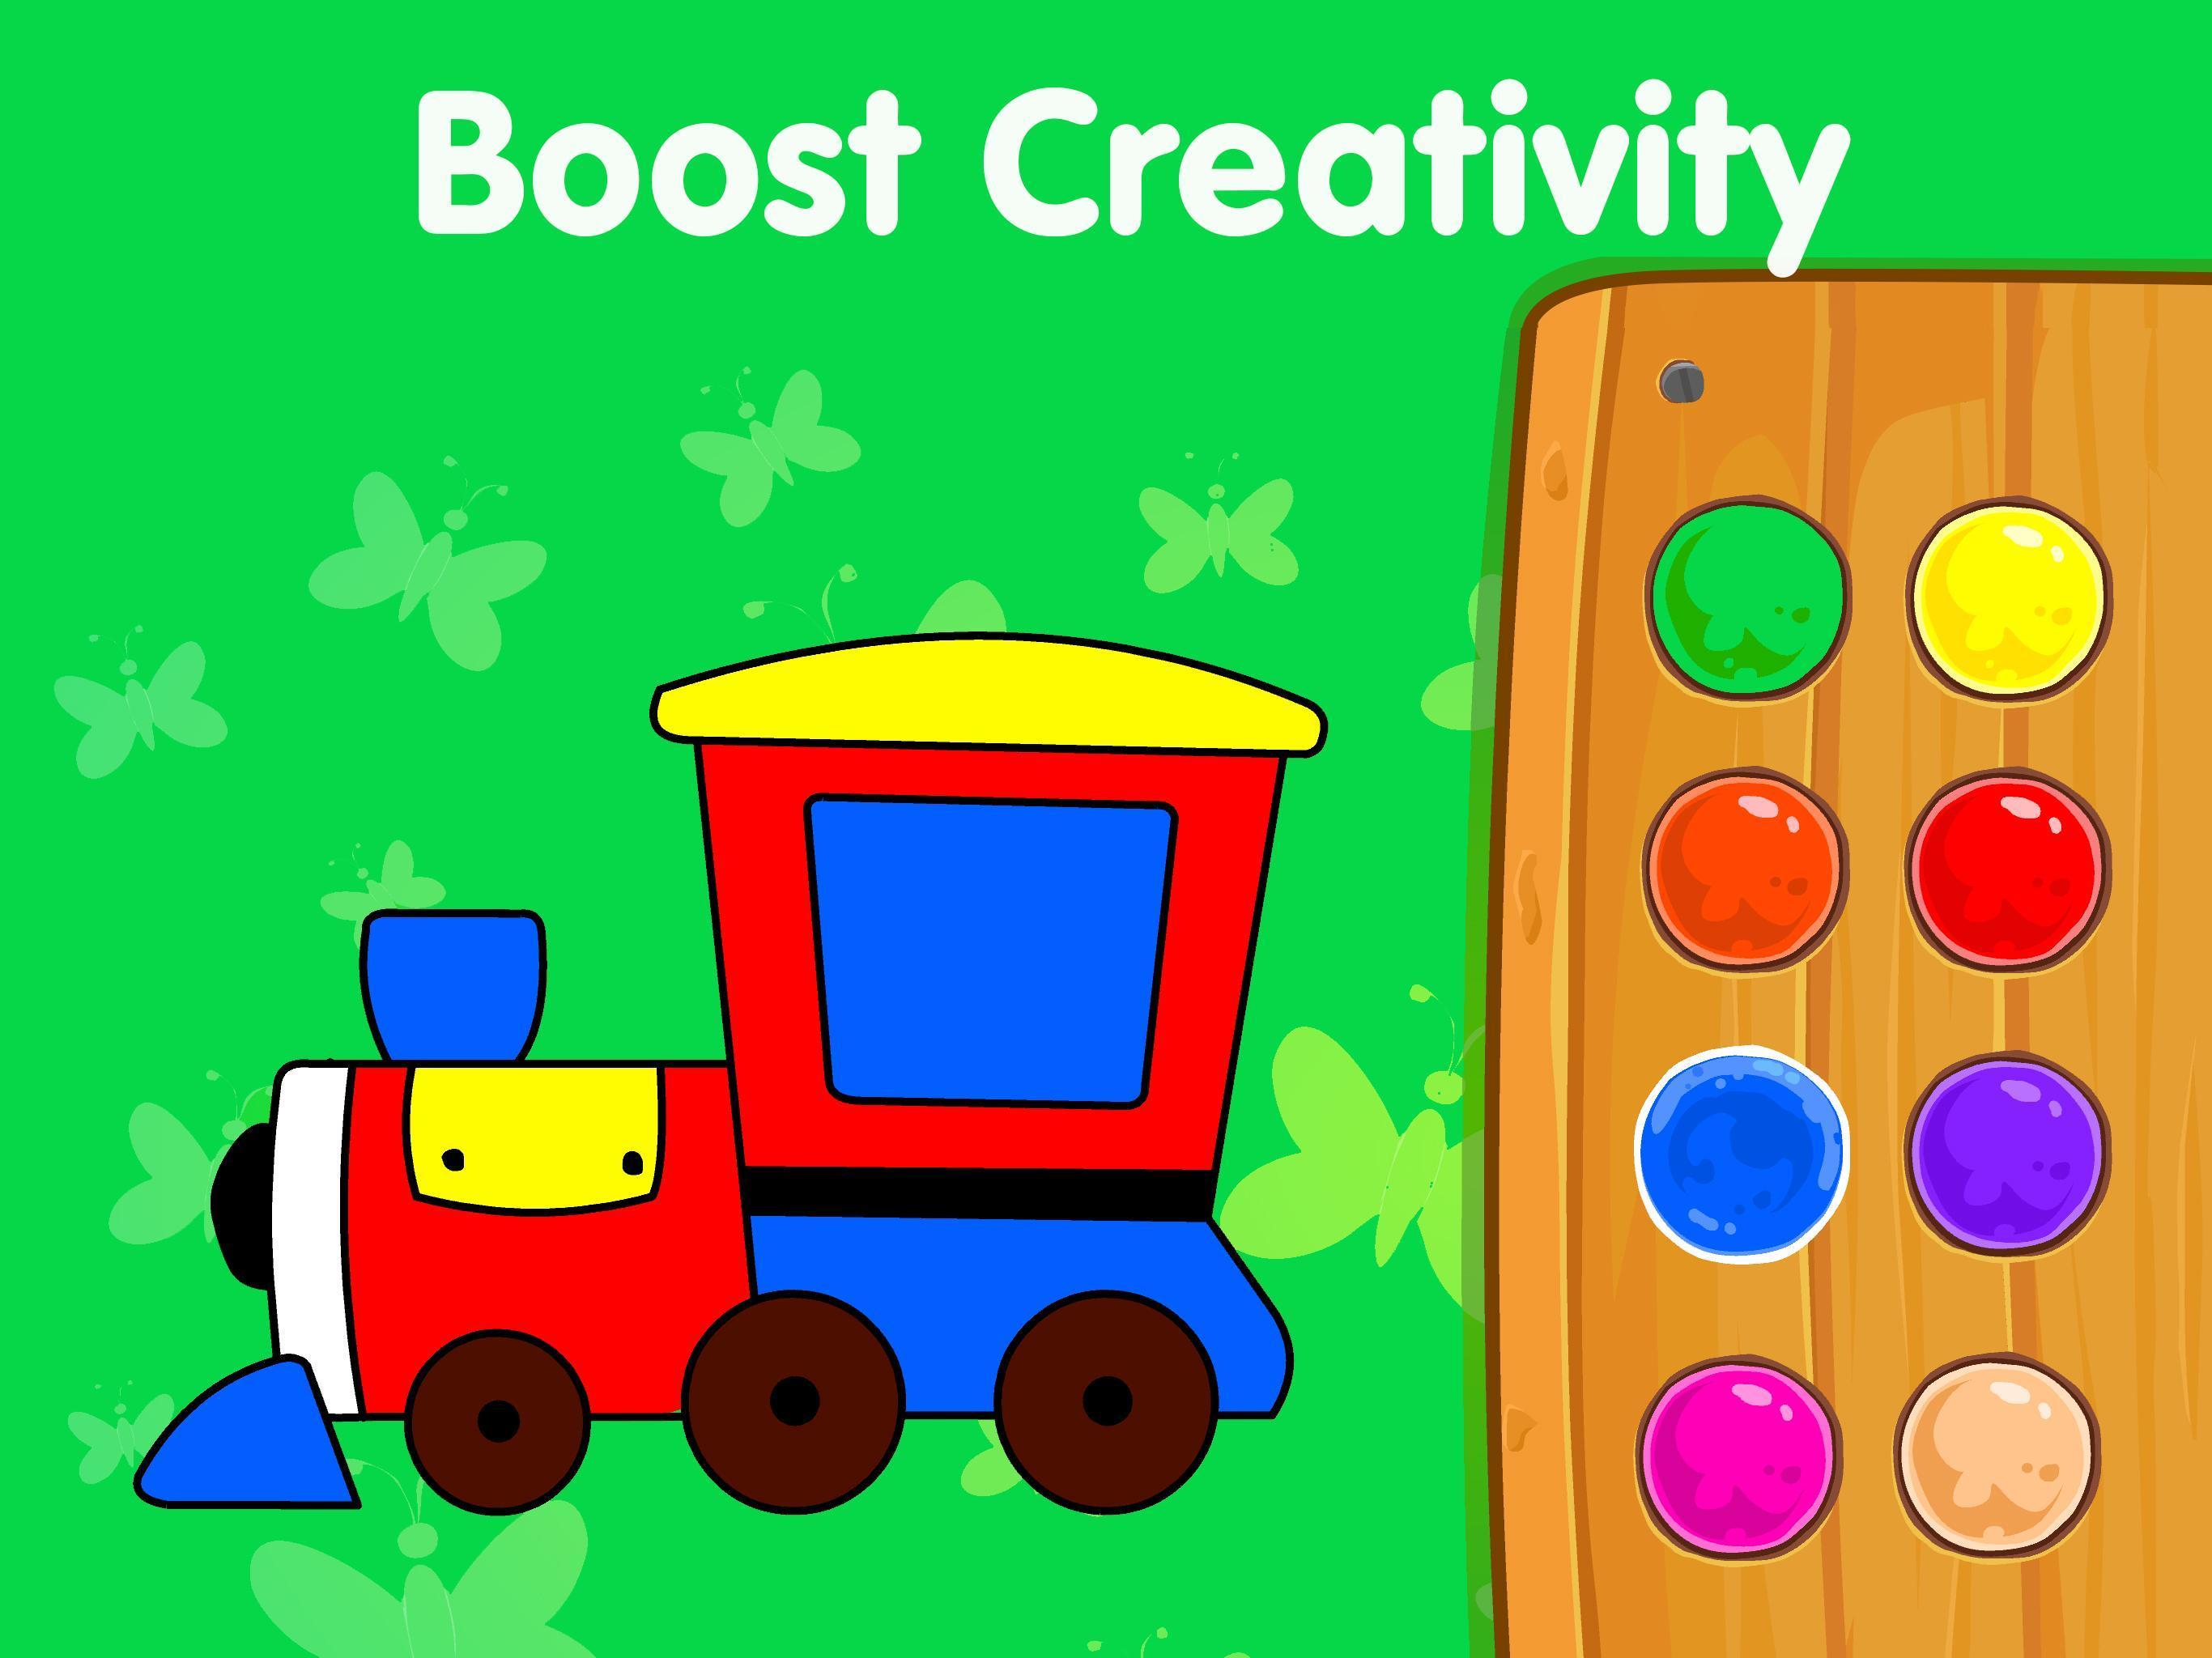 KidloLand Nursery Rhymes, Kids Games, Baby Songs 16.0 Screenshot 4